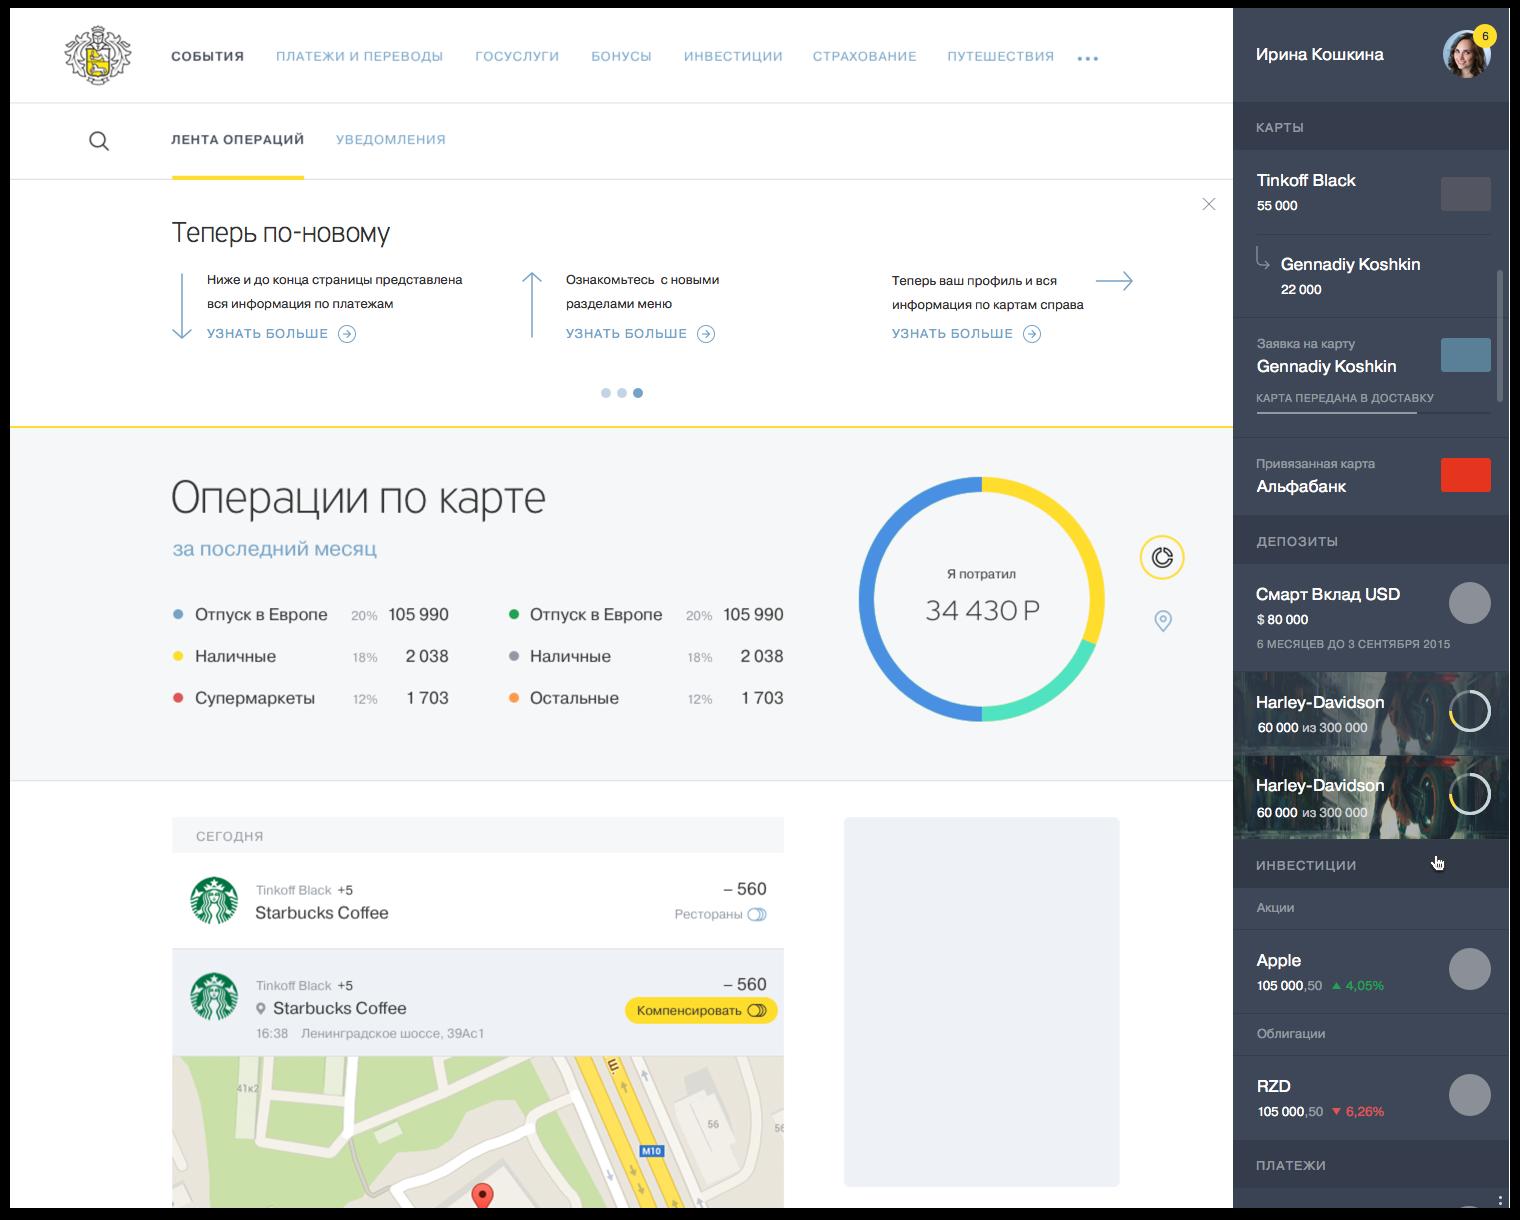 Слайдер с подсказками в верхней части интерфейса | Sobakapav.ru